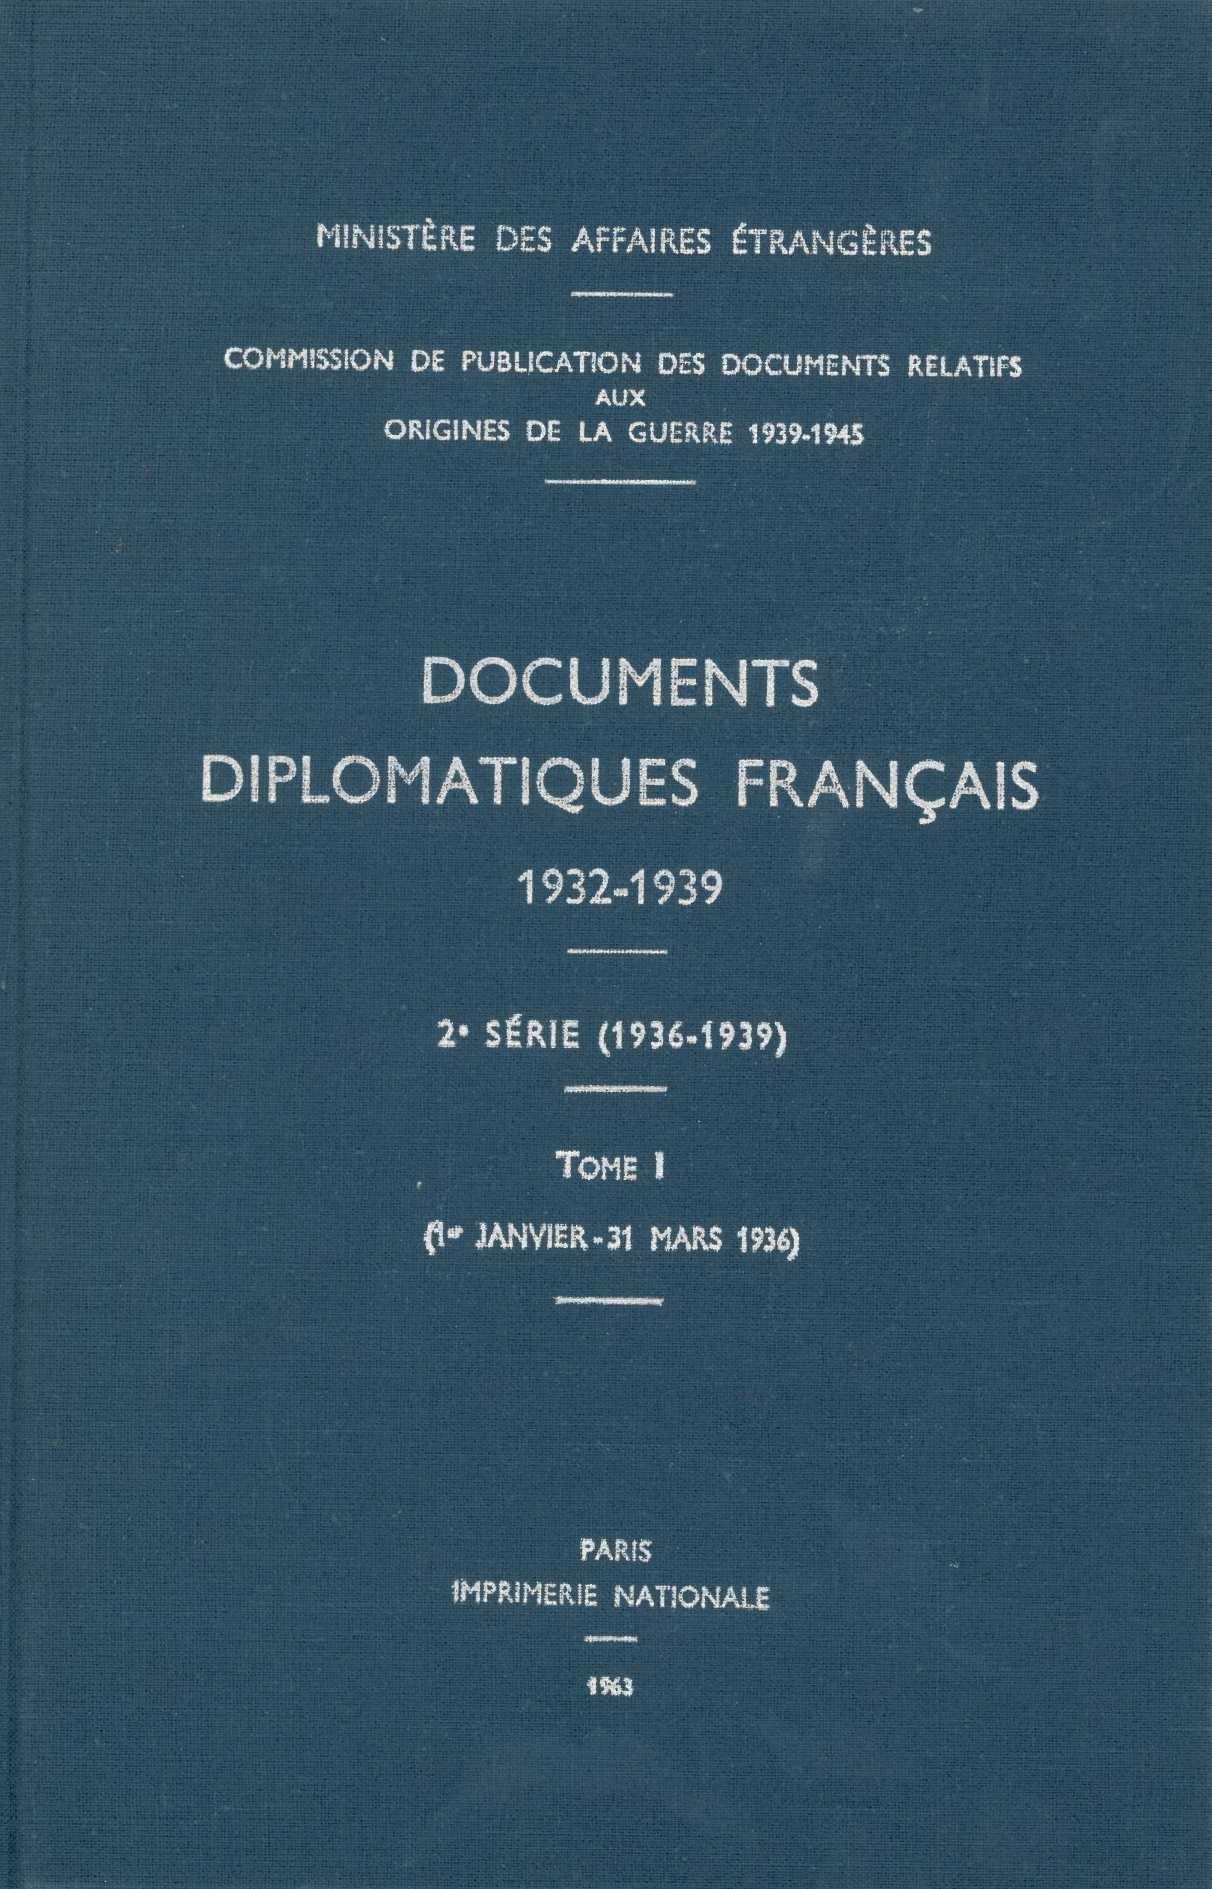 DOCUMENTS DIPLOMATIQUES FRANCAIS - 1936 - TOME I (1ER JANVIER - 31 MARS)